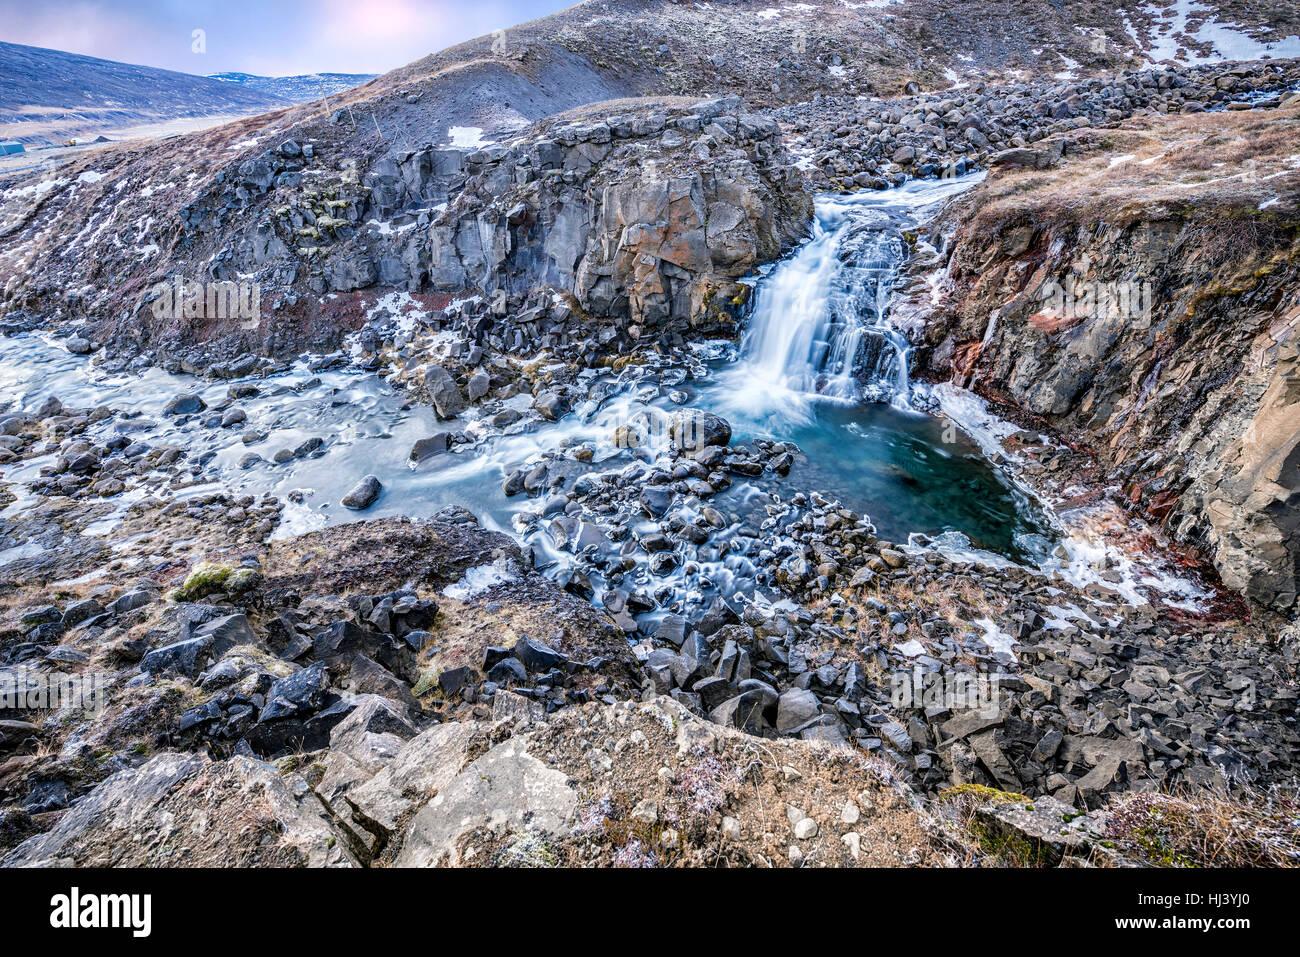 Una cascata in Islanda cascate lungo il lato di una montagna selvaggia in una piscina naturale Immagini Stock